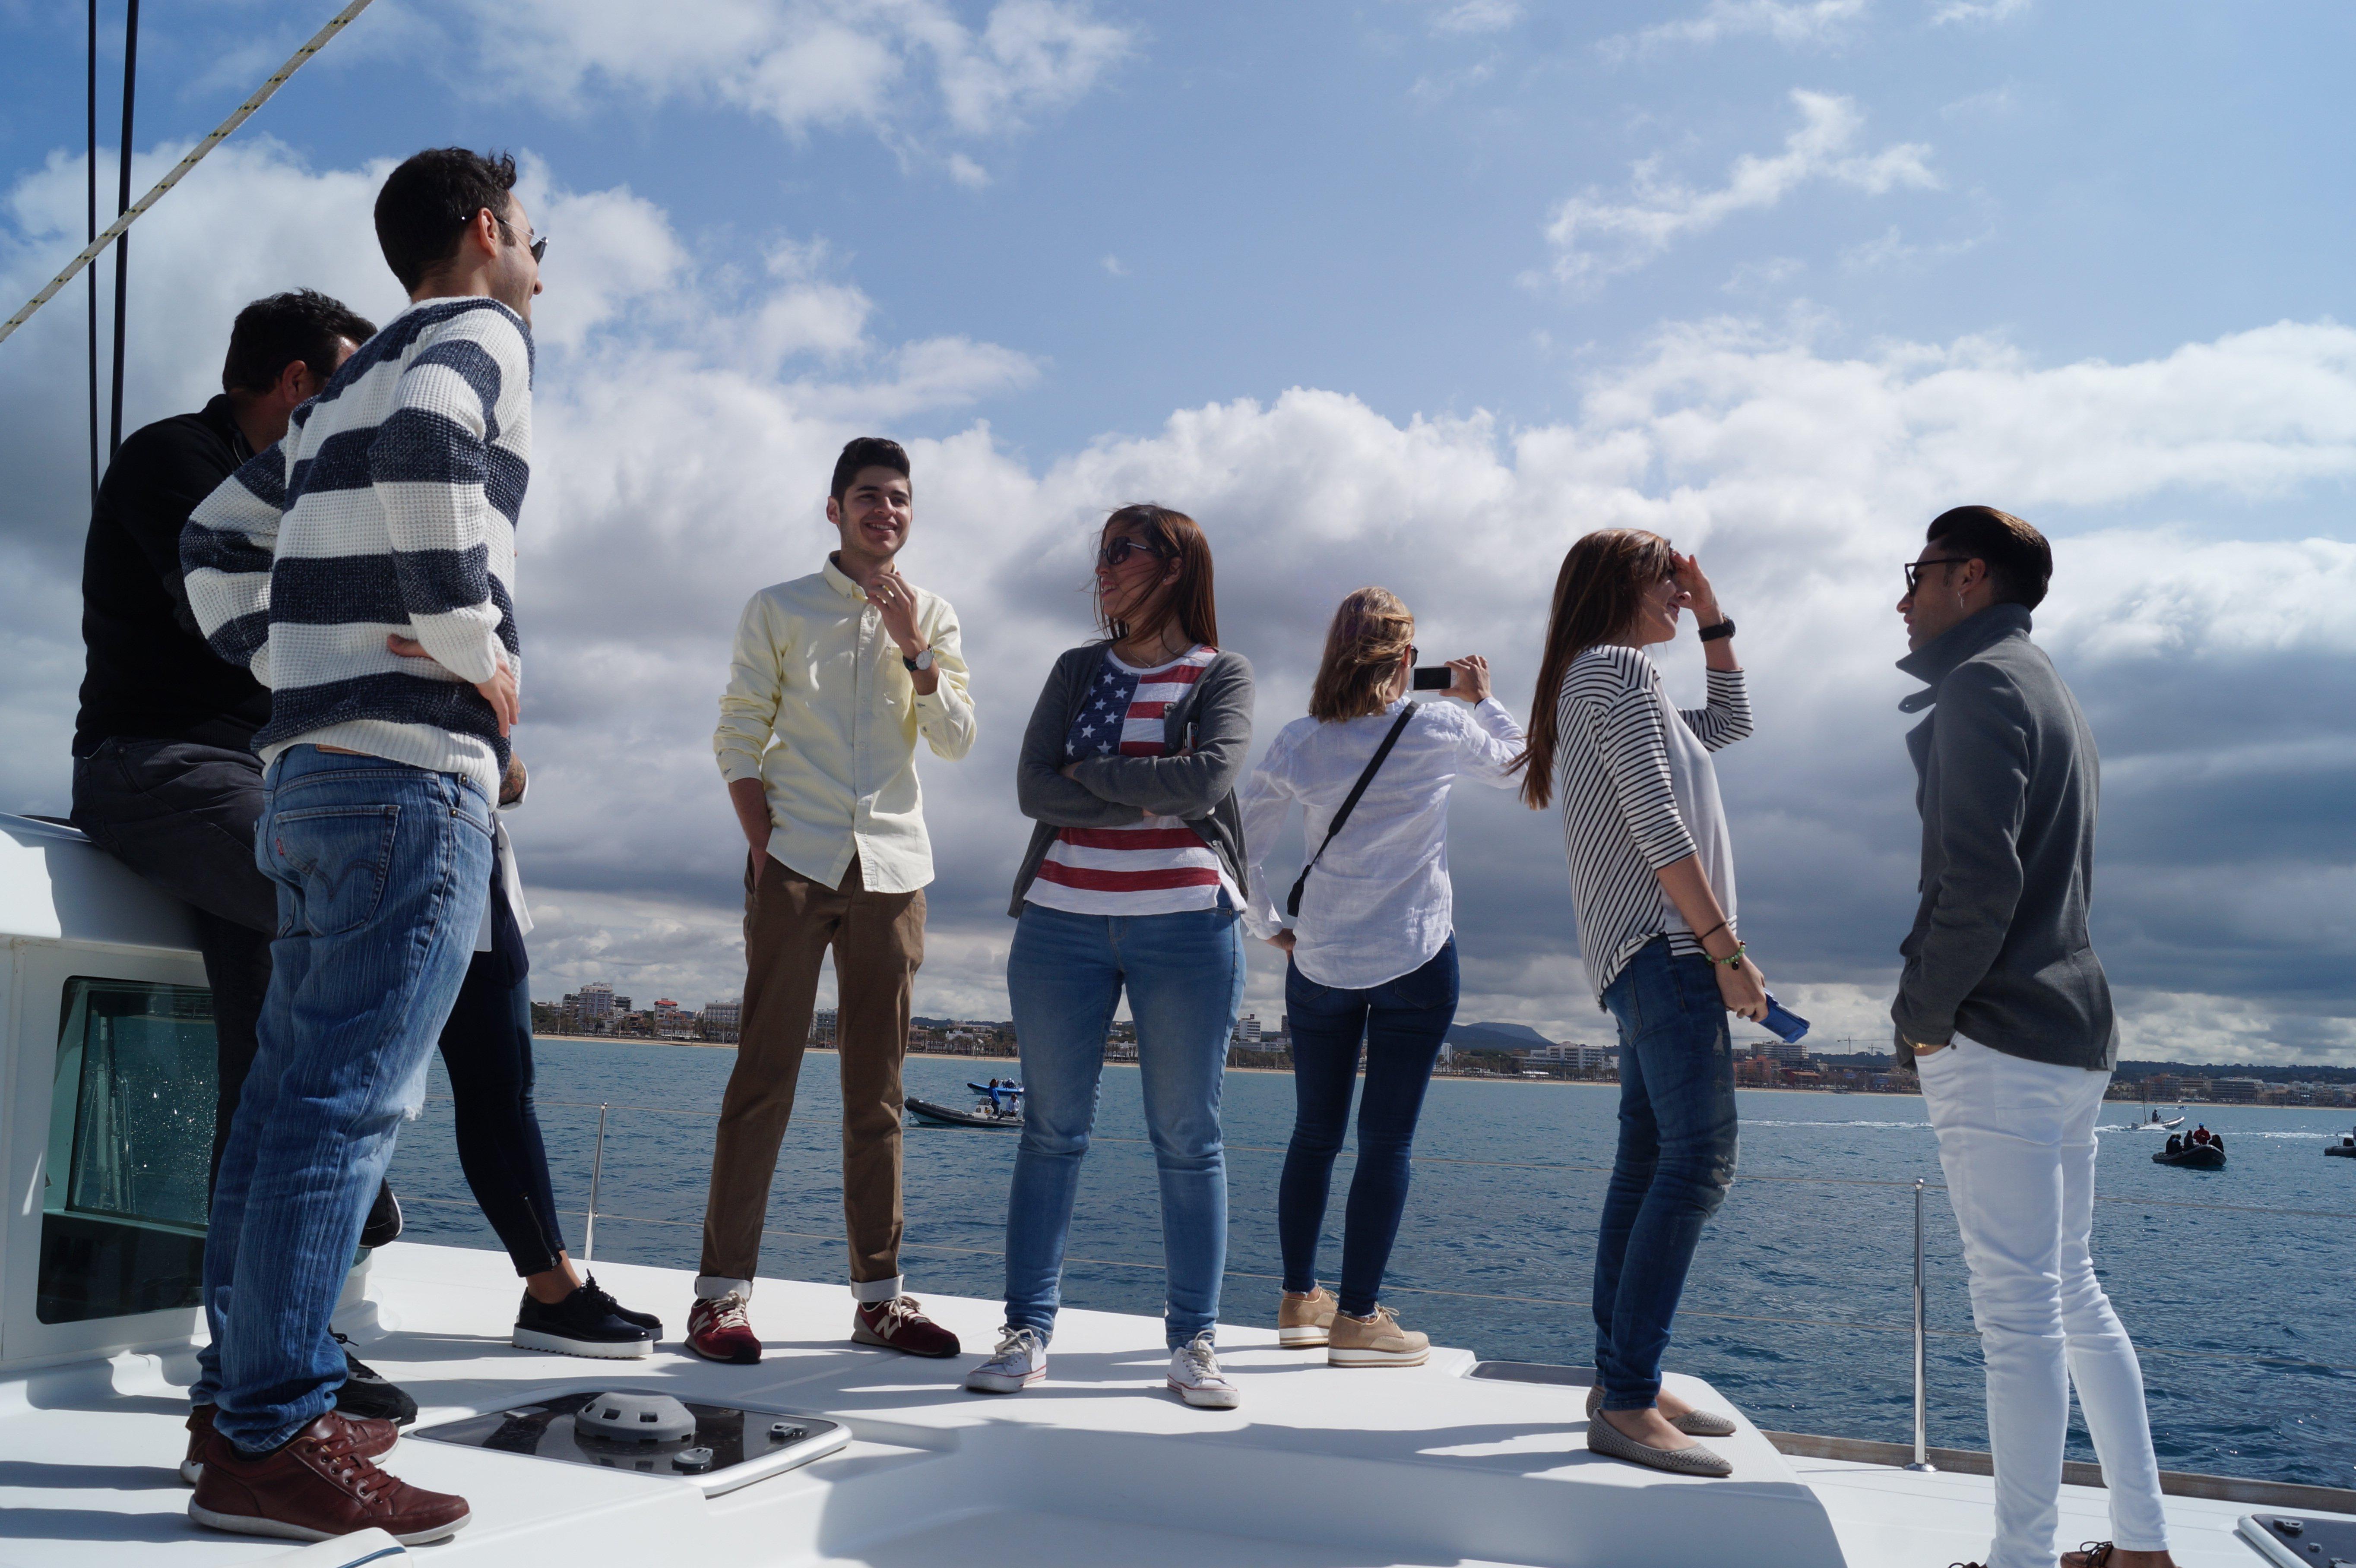 Navegando #SofíaIberostar Mallorca